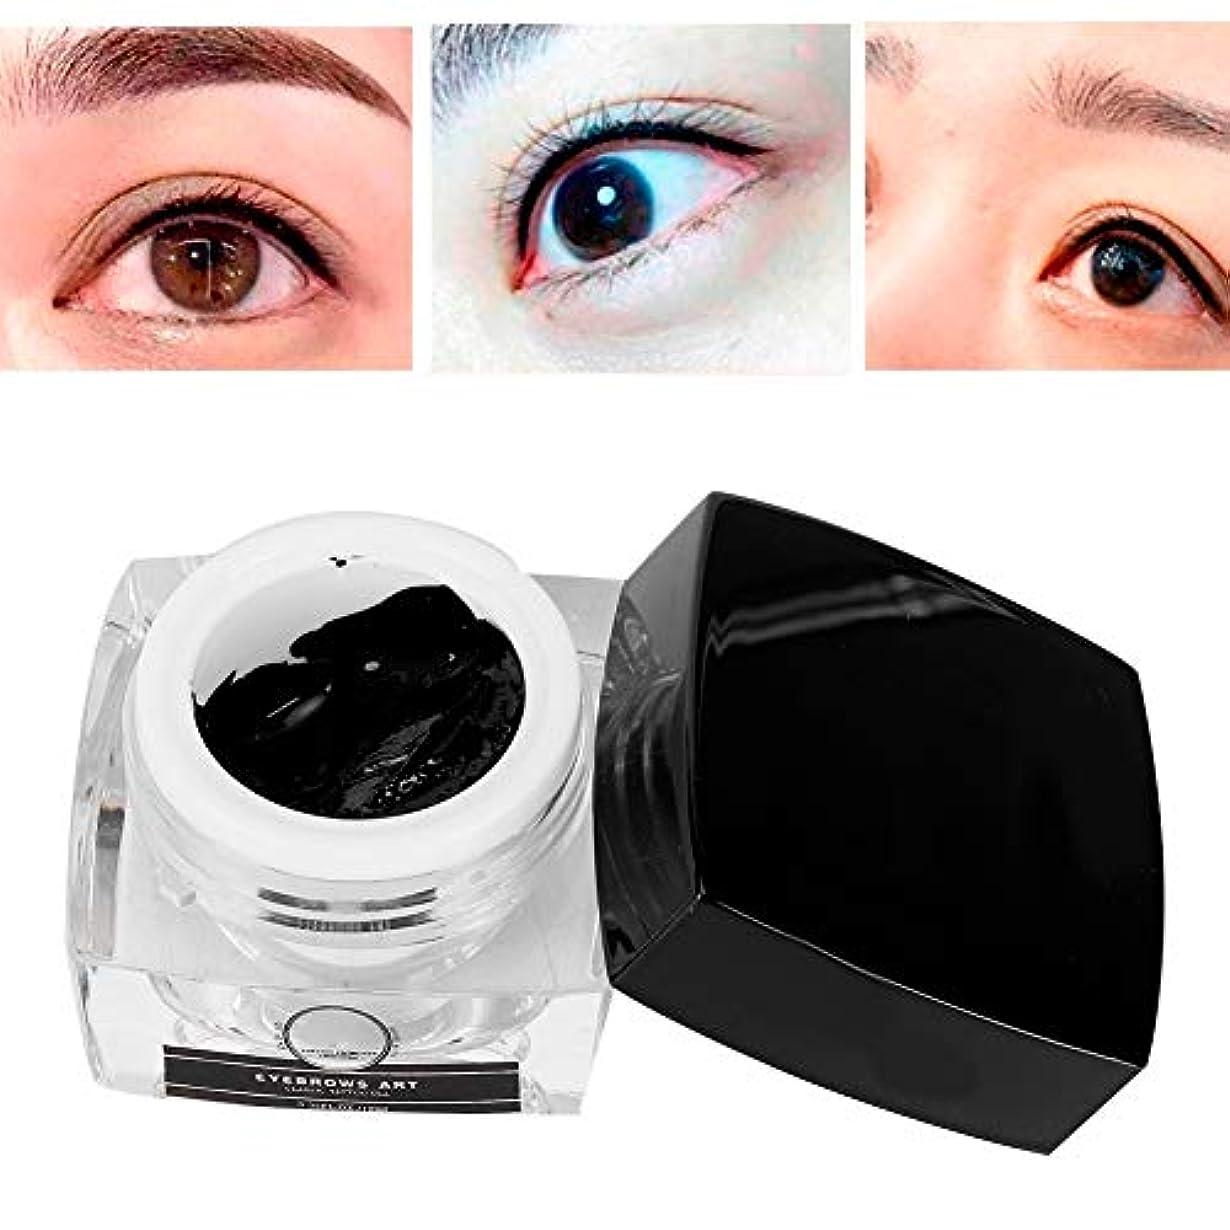 要求する引き出す休み眉毛の入れ墨インク、自然な入れ墨の顔料Microbladingの顔料の半永久的な唇の眉毛のタトゥーの長続きがするインククリームの眉毛の唇のアイラインの永久的な構造(ブラック)